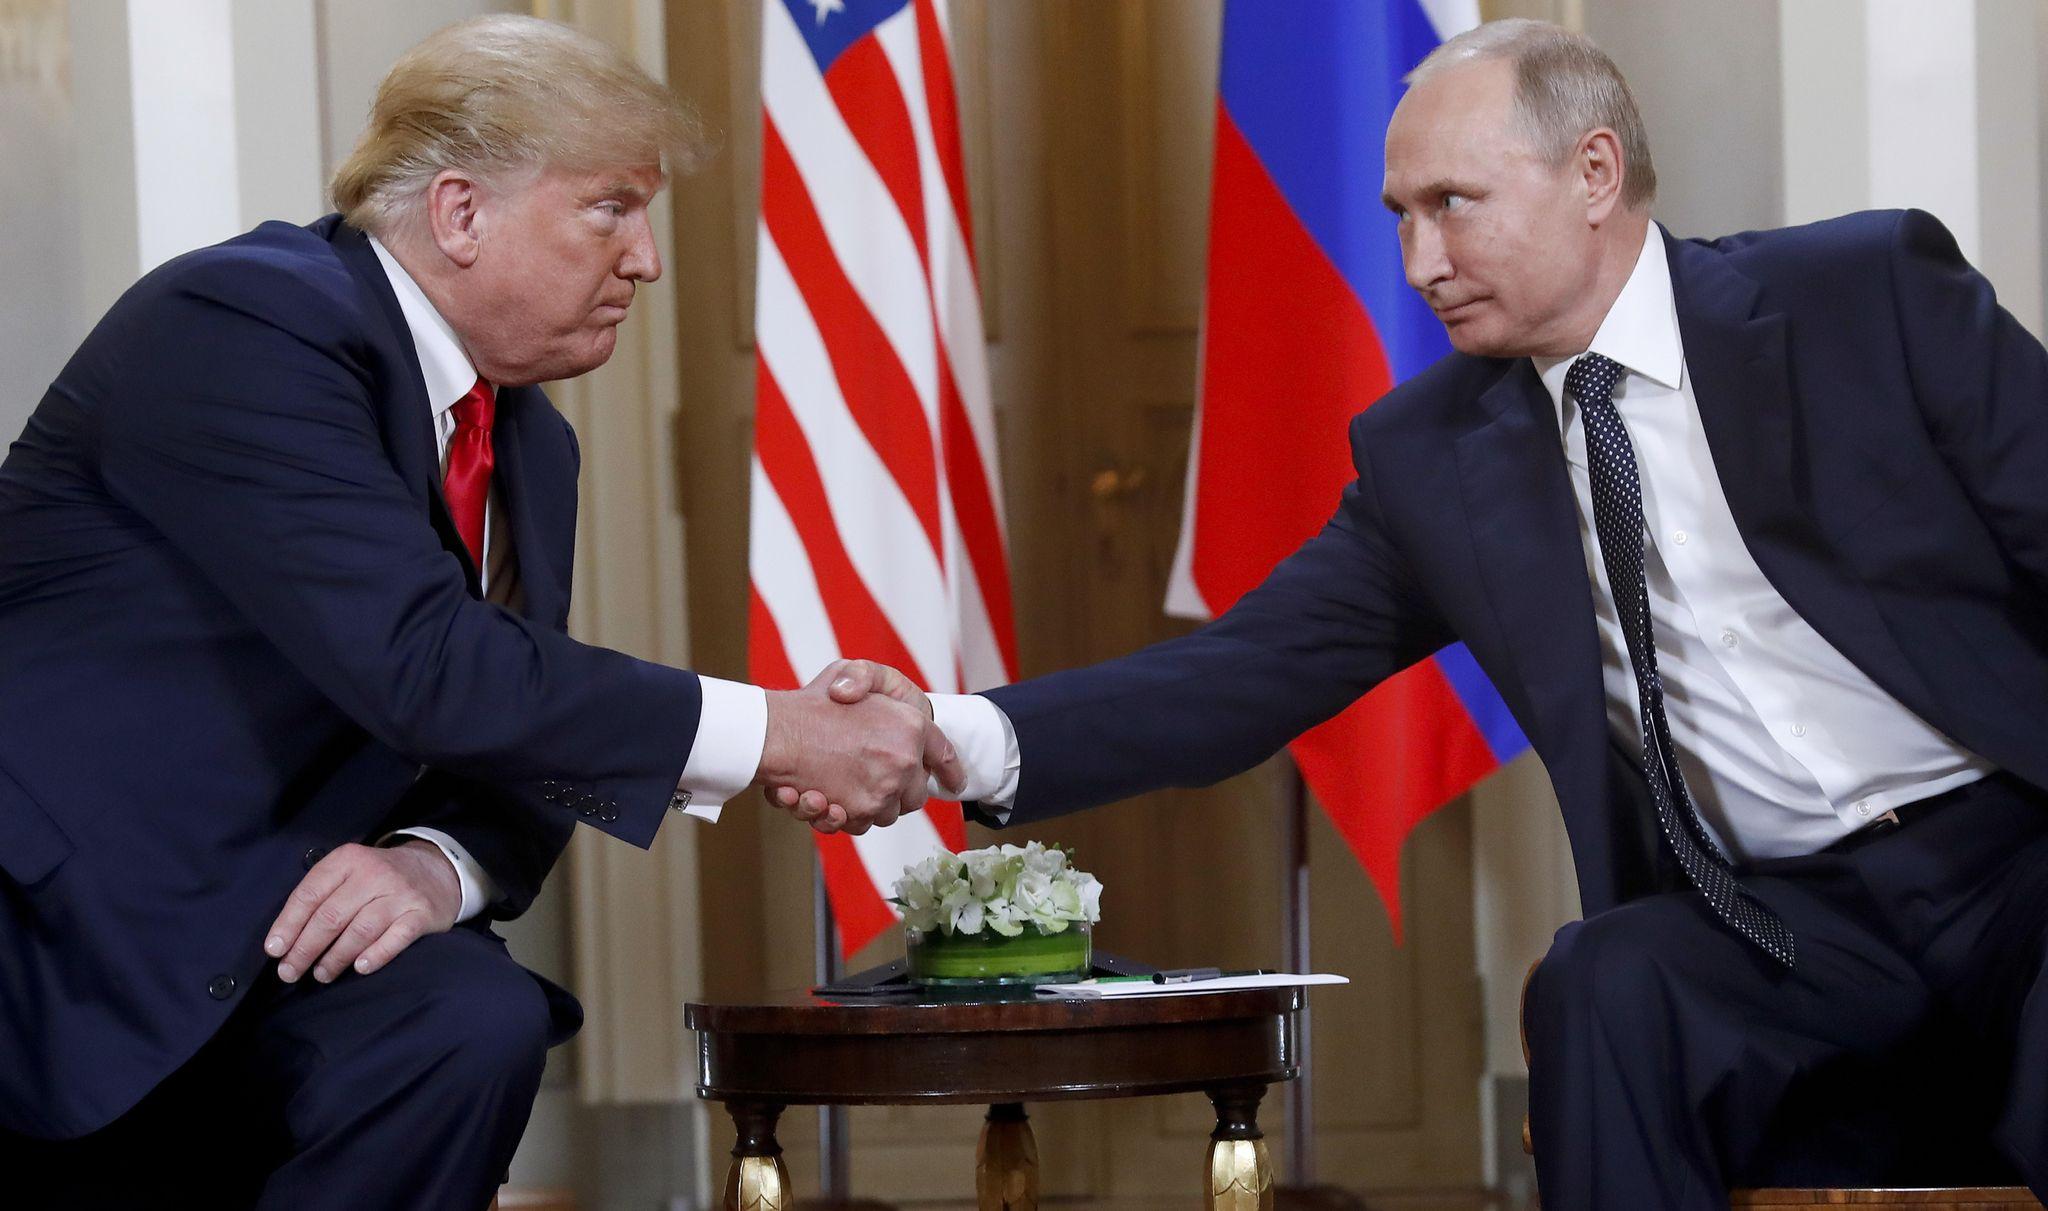 Kremlin confirms Trump-Putin meeting Friday at G-20 in Japan